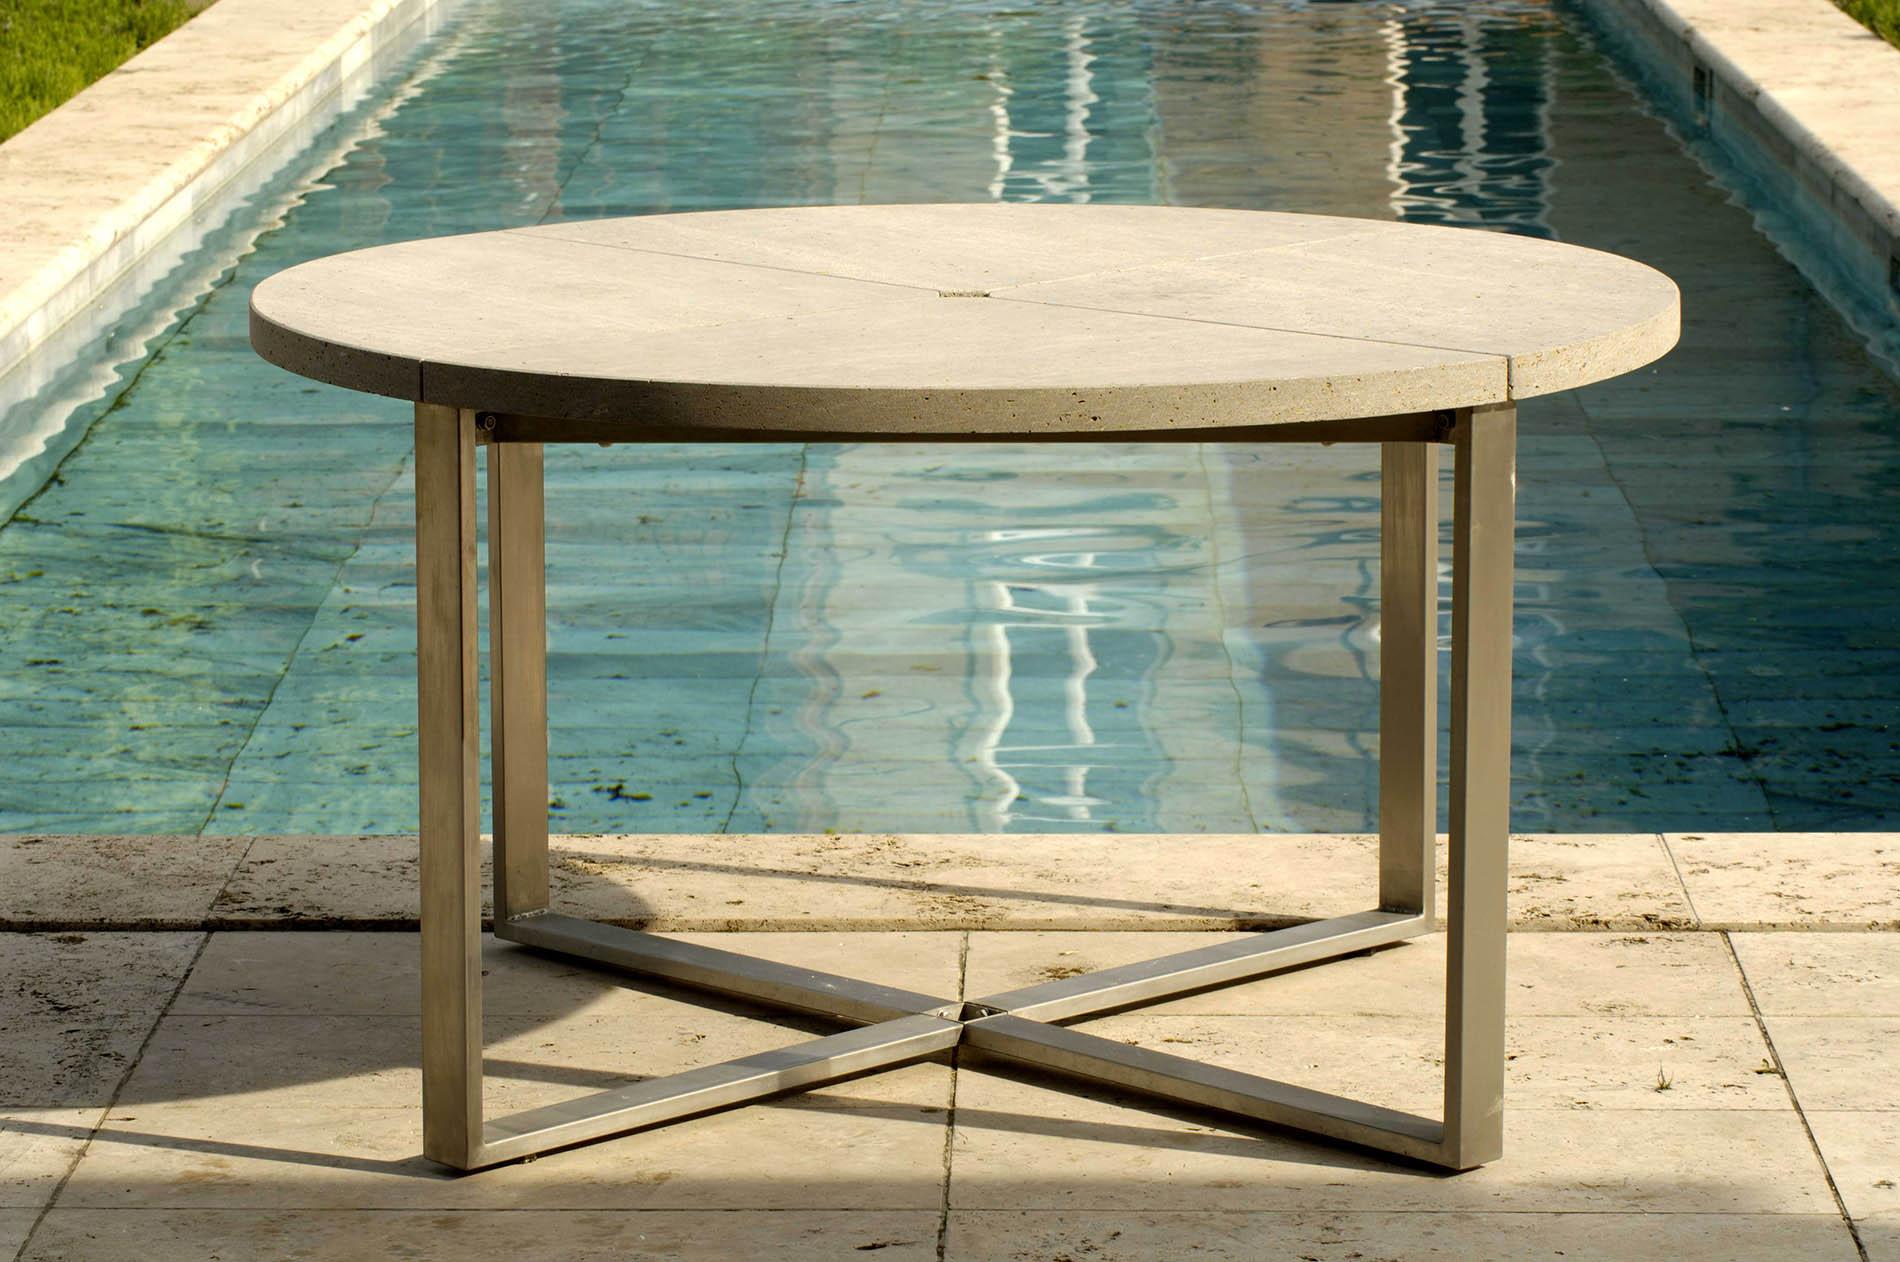 TRACO Pure Gartenmöbel aus Kalk- und Sandstein